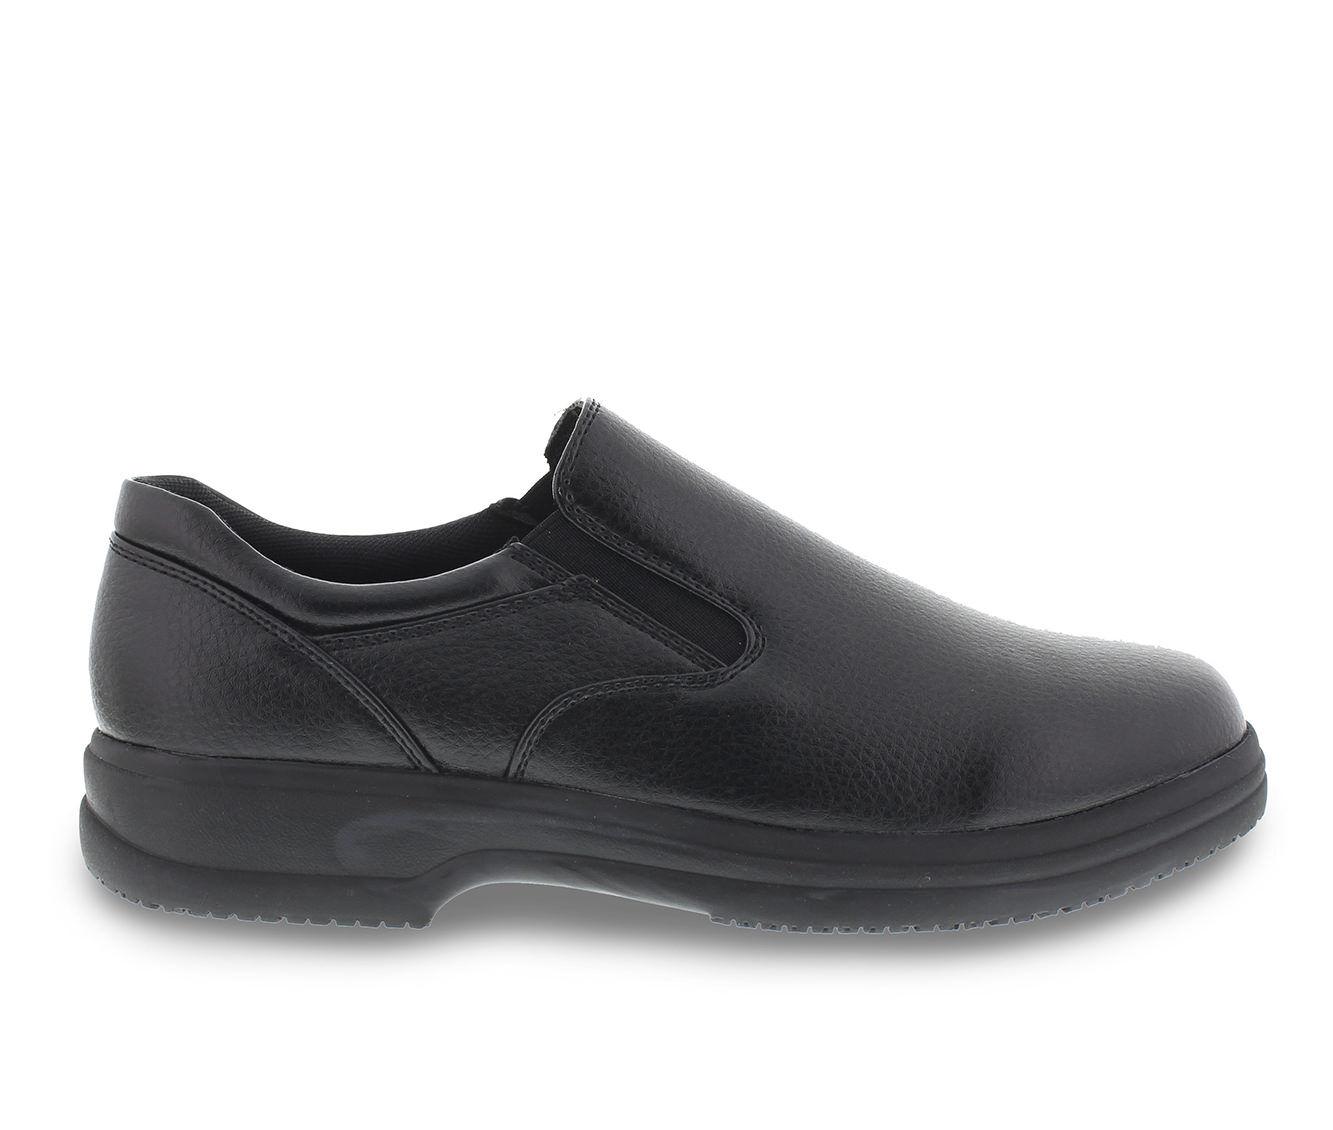 Men's Deer Stags Manager Slip-Resistant Safety Shoes Black